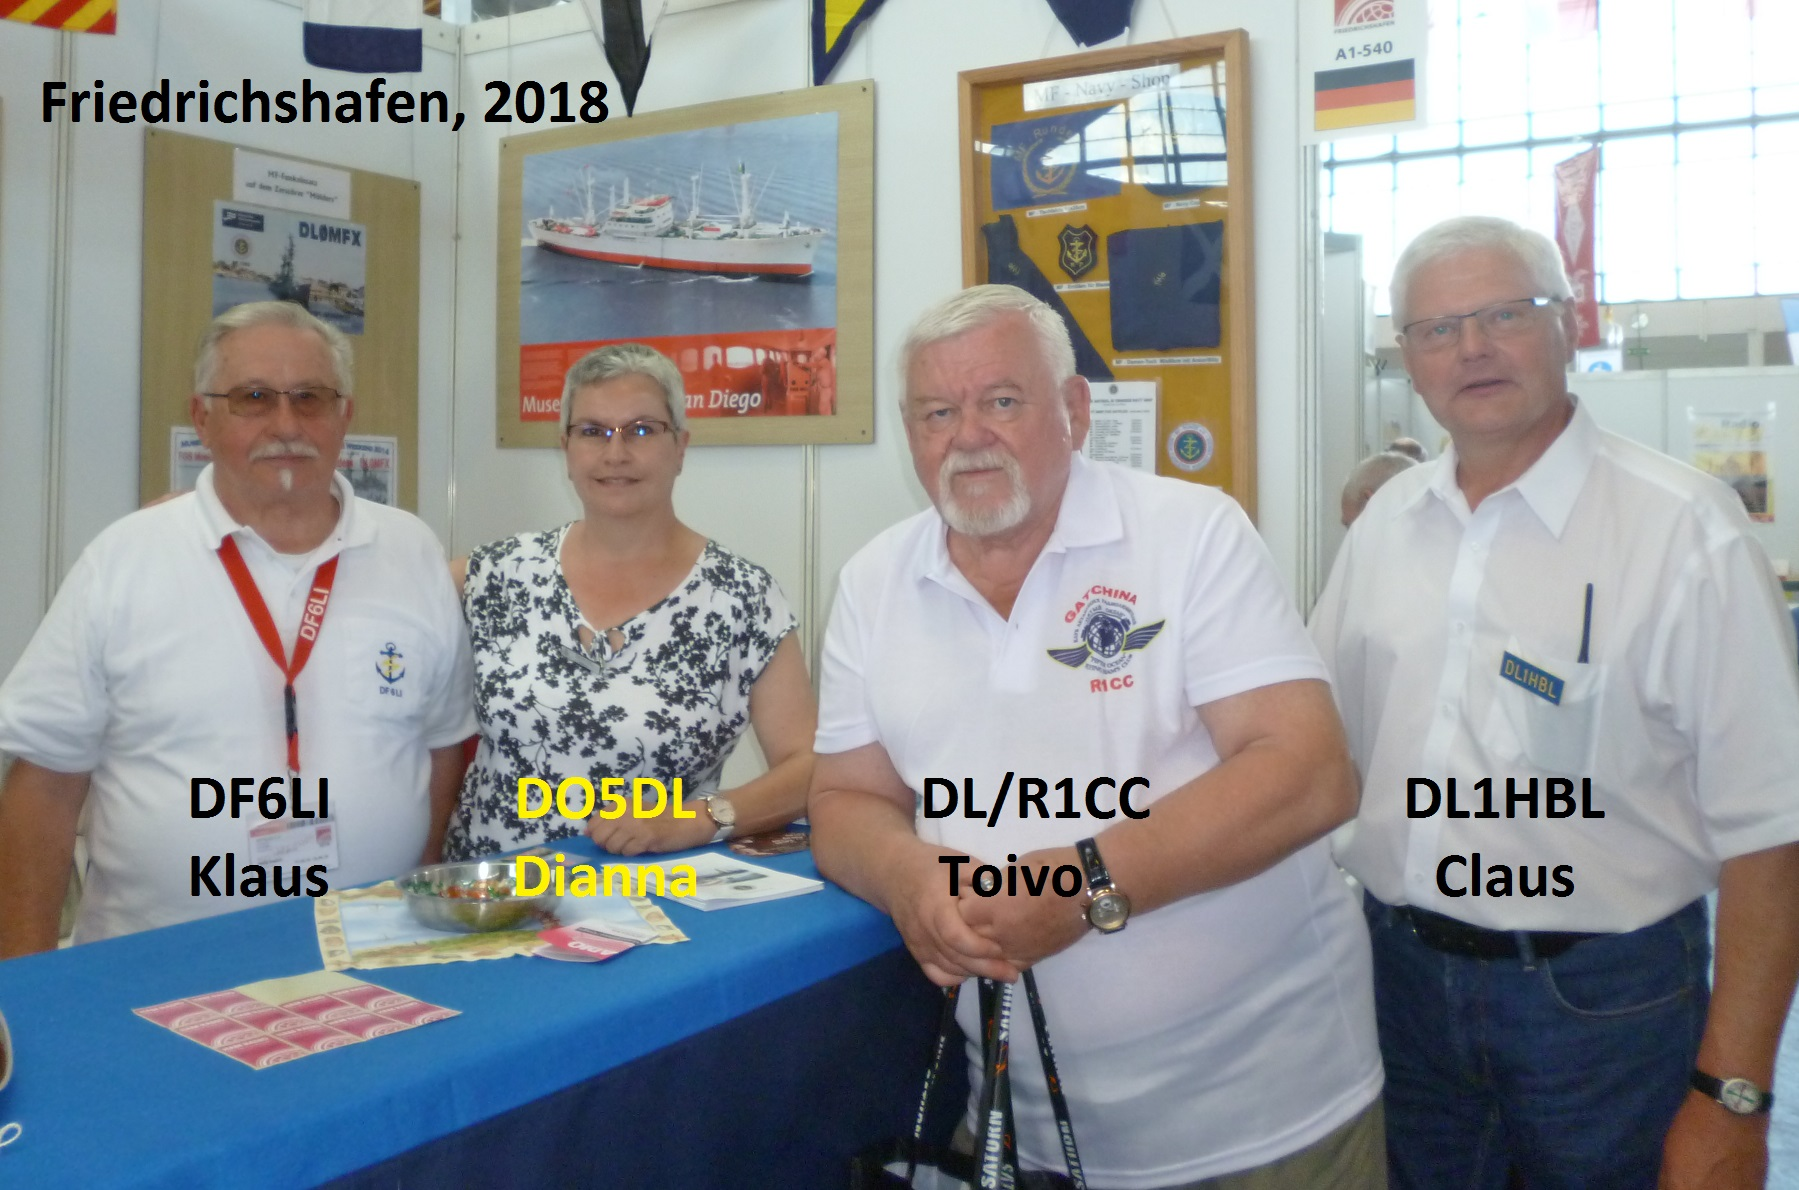 Нажмите на изображение для увеличения.  Название:Friedrichshafen-2018-DF6LI-DO5DL-R1CC-DL1HBL.JPG Просмотров:4 Размер:494.4 Кб ID:229566